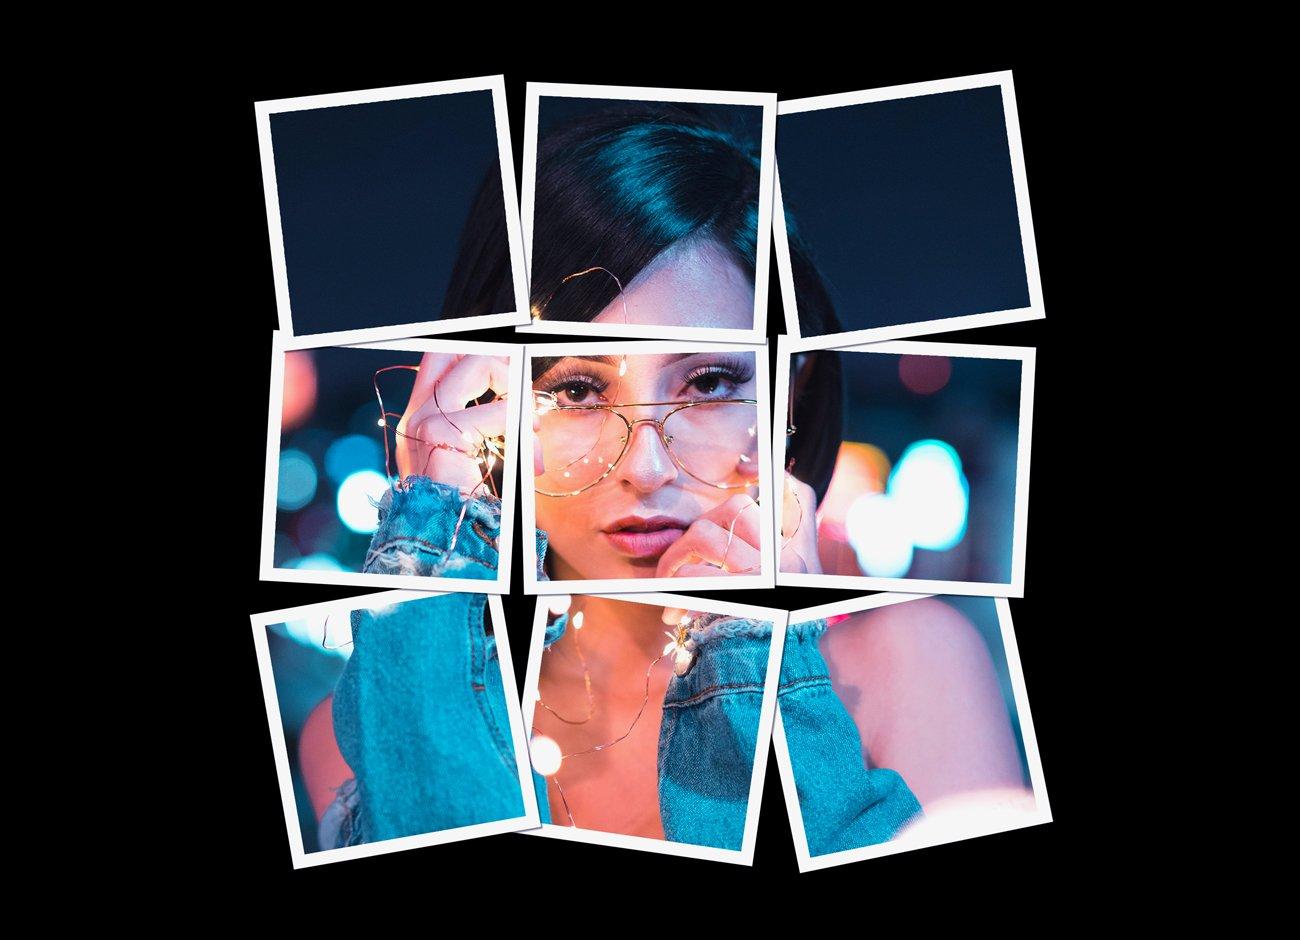 拼贴效果照片处理特效PS动作模板素材 Collage Photo Effect PS Action插图8